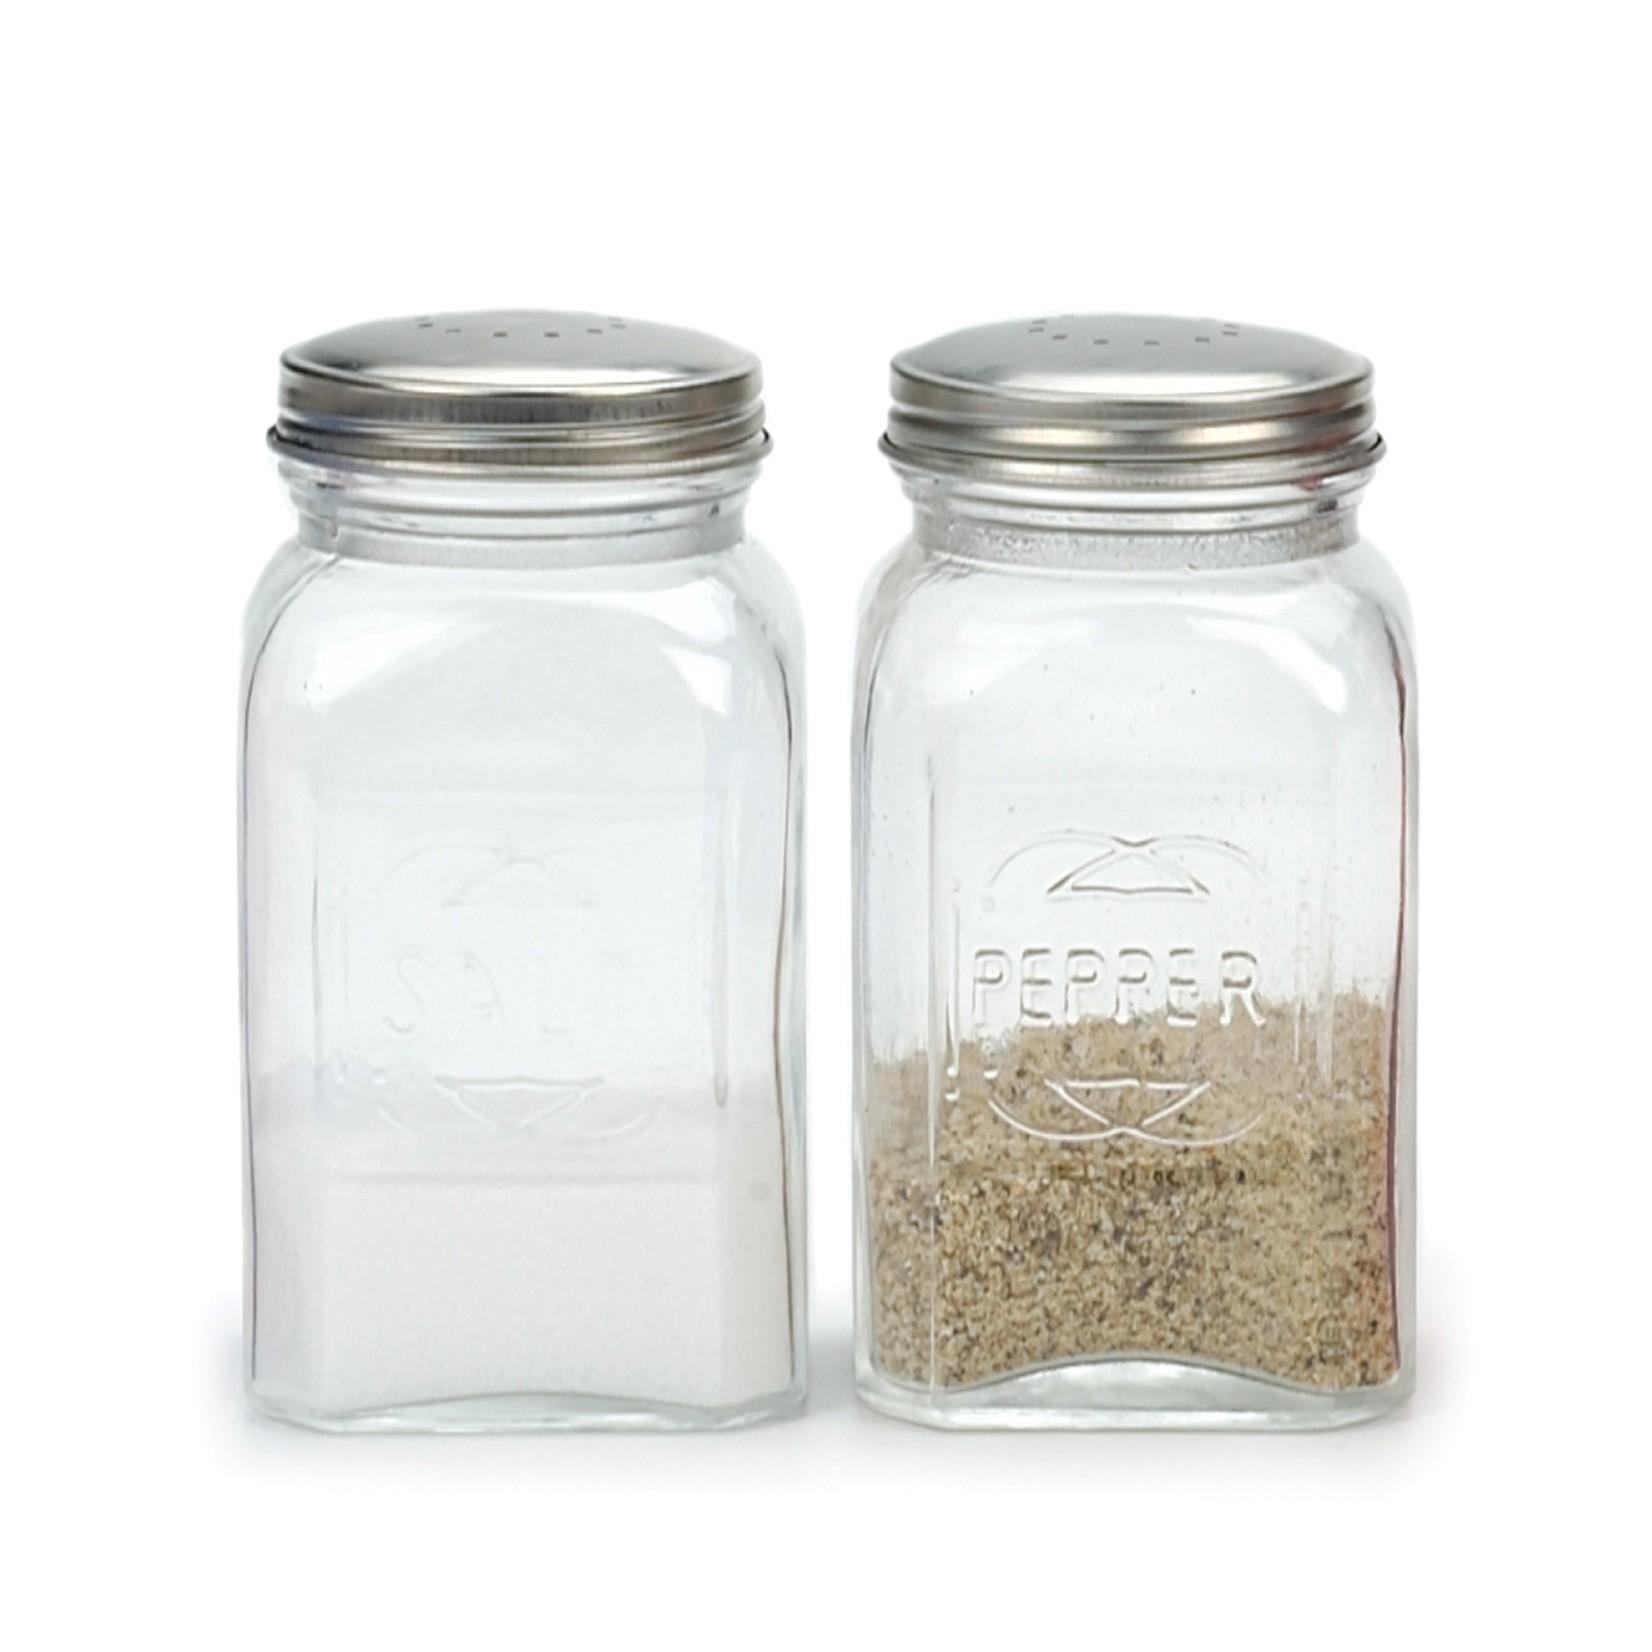 RSVP International Retro Salt & Pepper Shaker